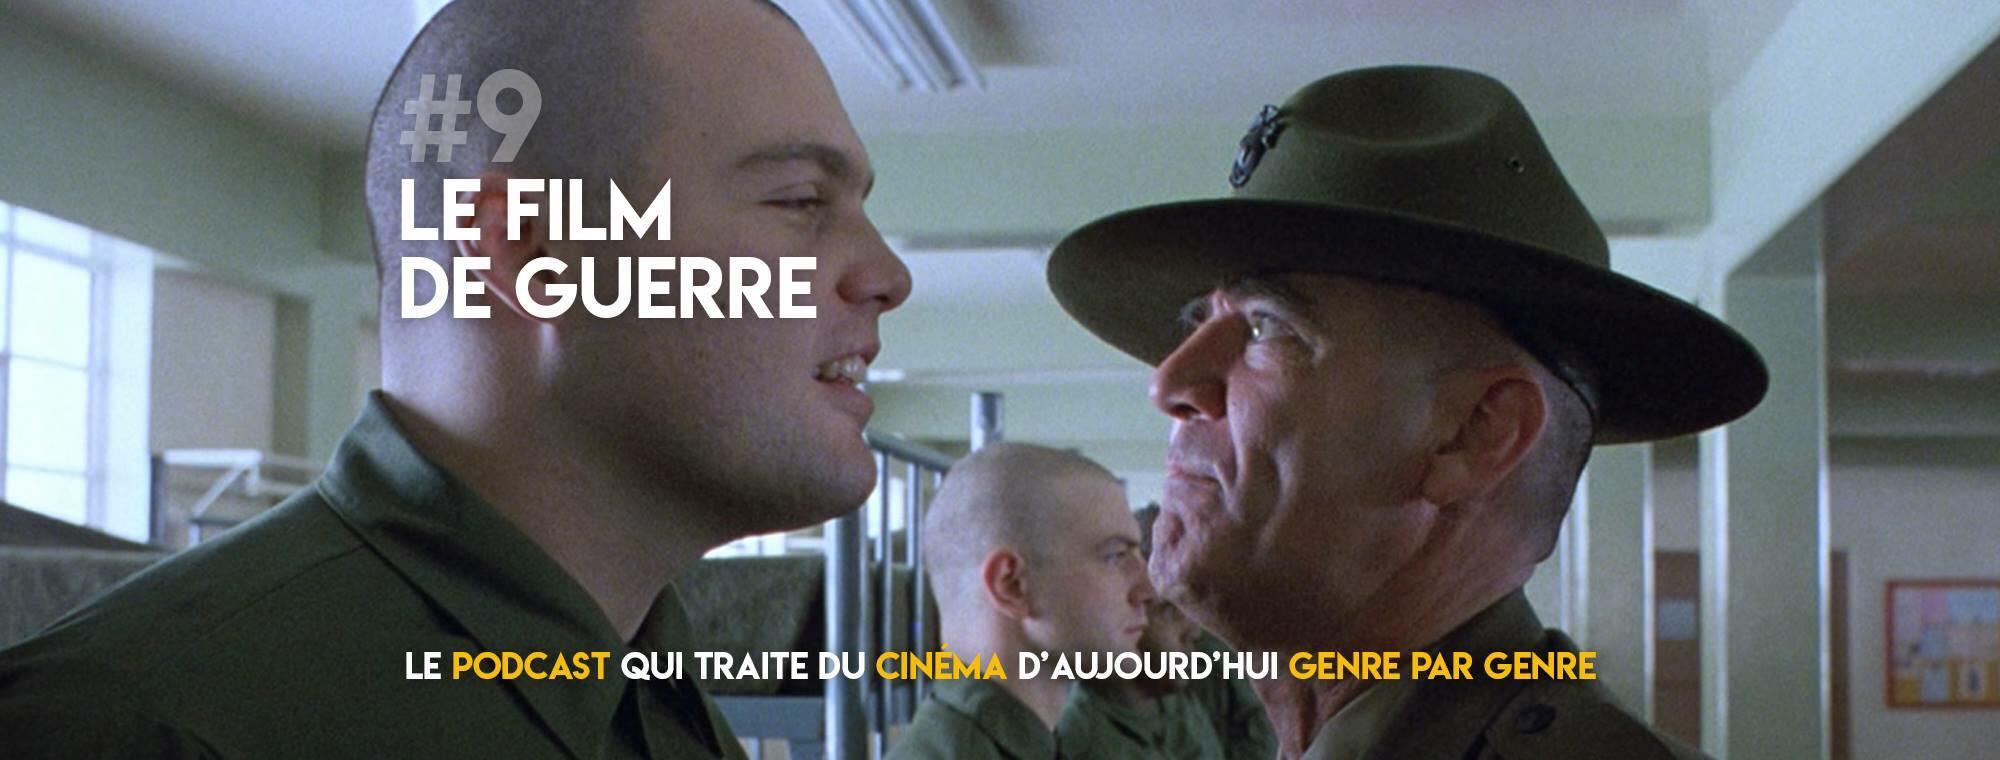 Parlons Péloches - #8 Le film de guerre